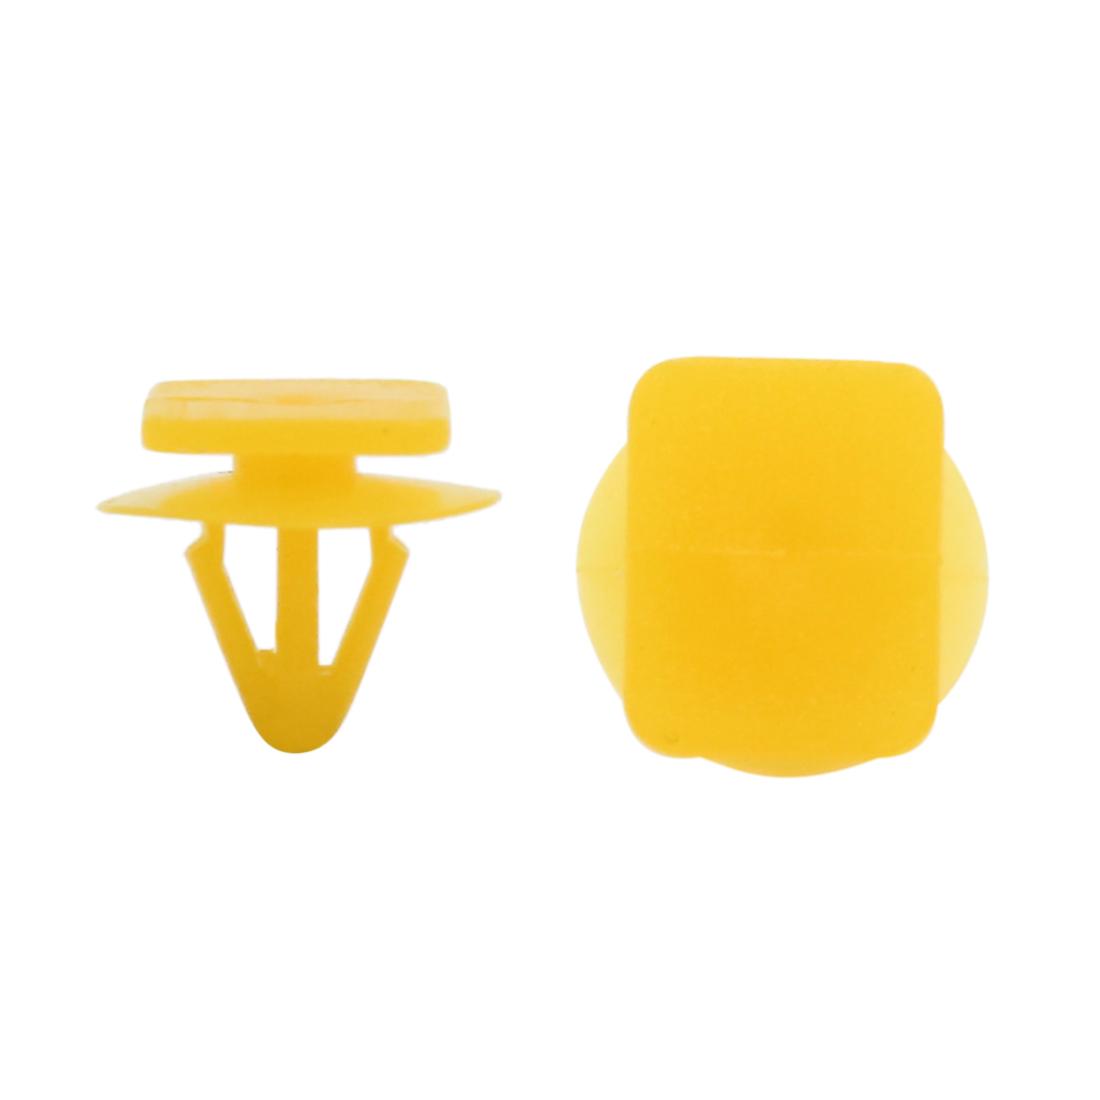 20Pcs Yellow Plastic Rivets Door Trim Bumper Moulding Fastener Clips 8mm for Car